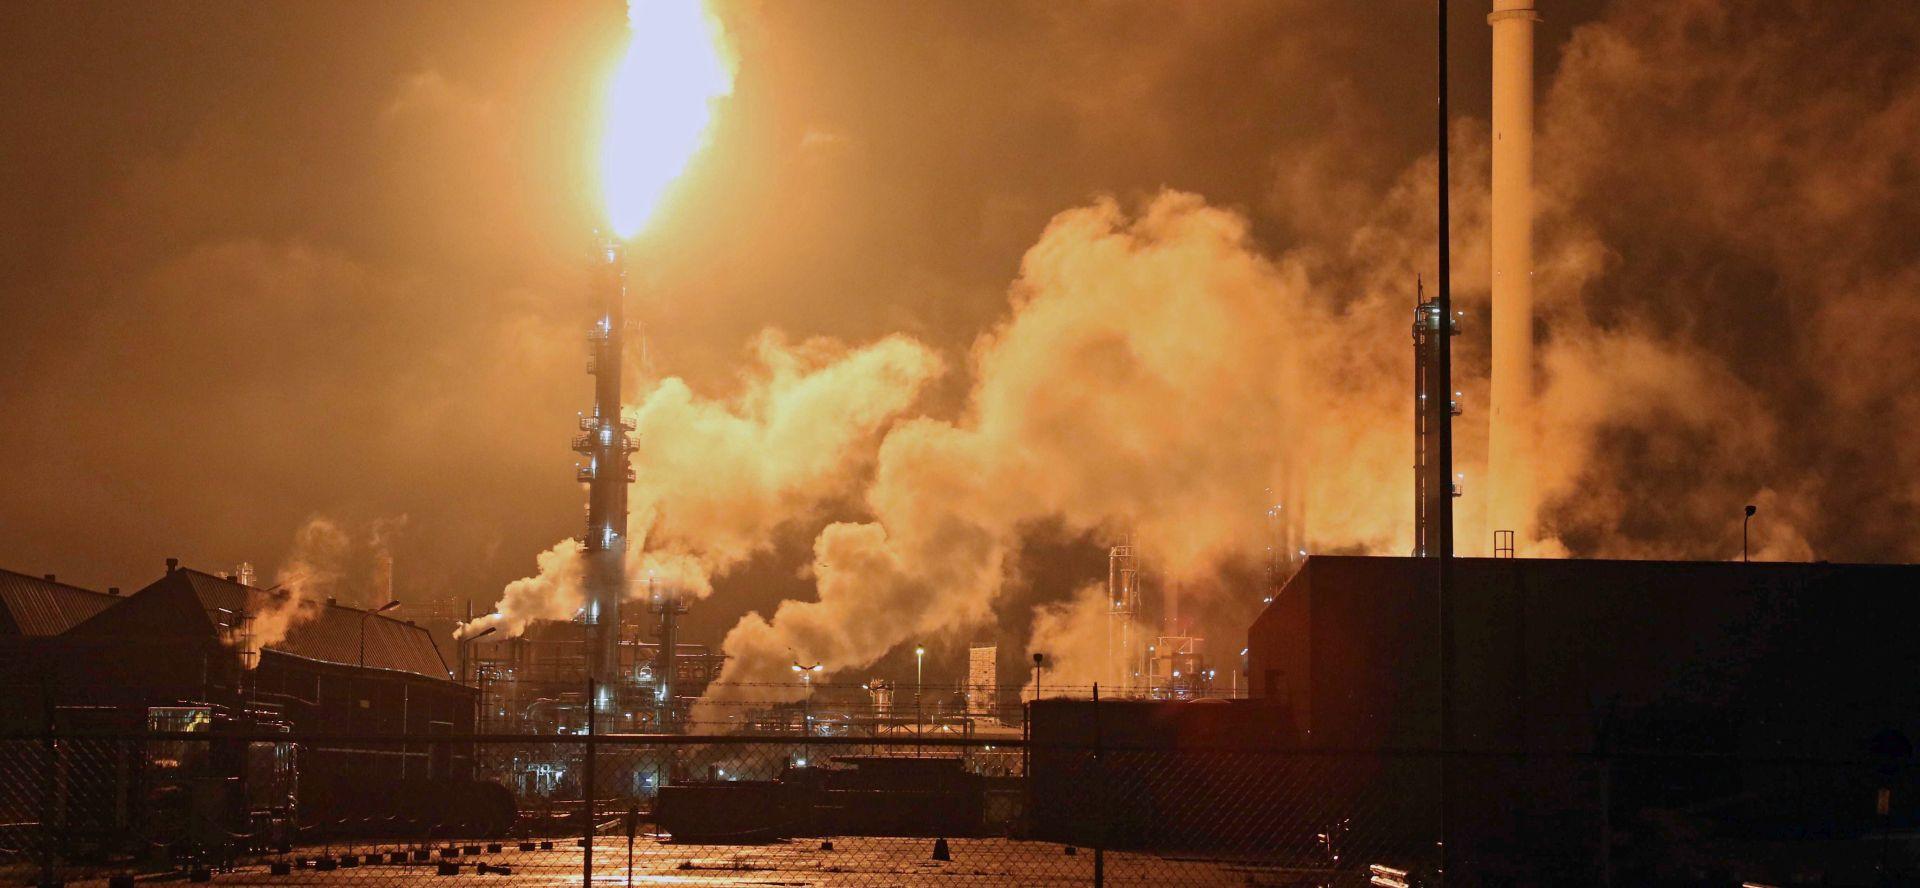 NIZOZEMSKA Buknuo požar u najvećoj europskoj rafineriji